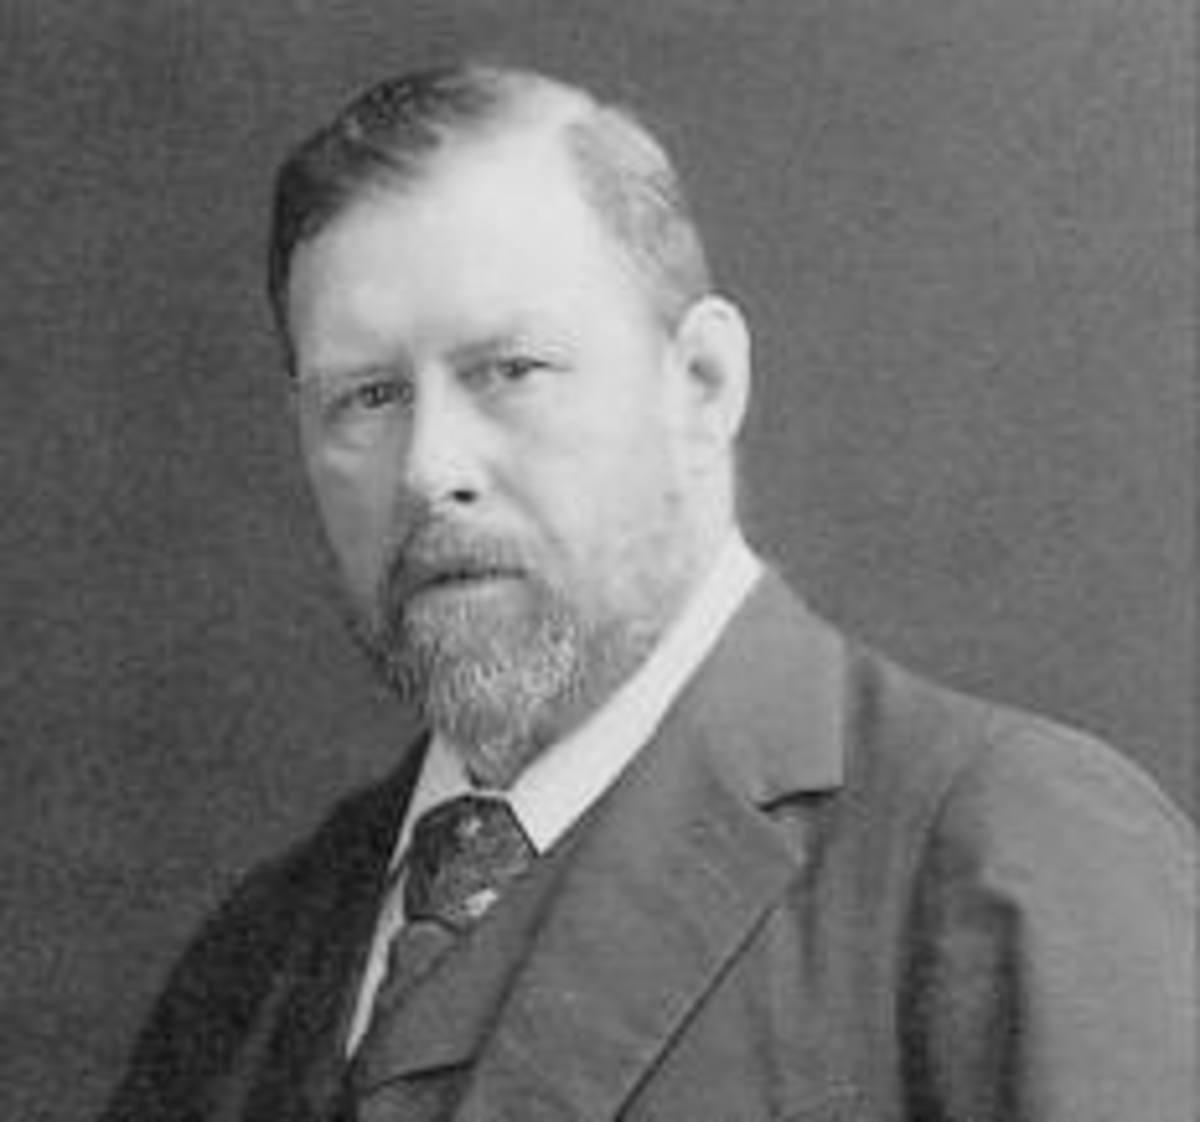 Bram Stoker 1847 - 1912